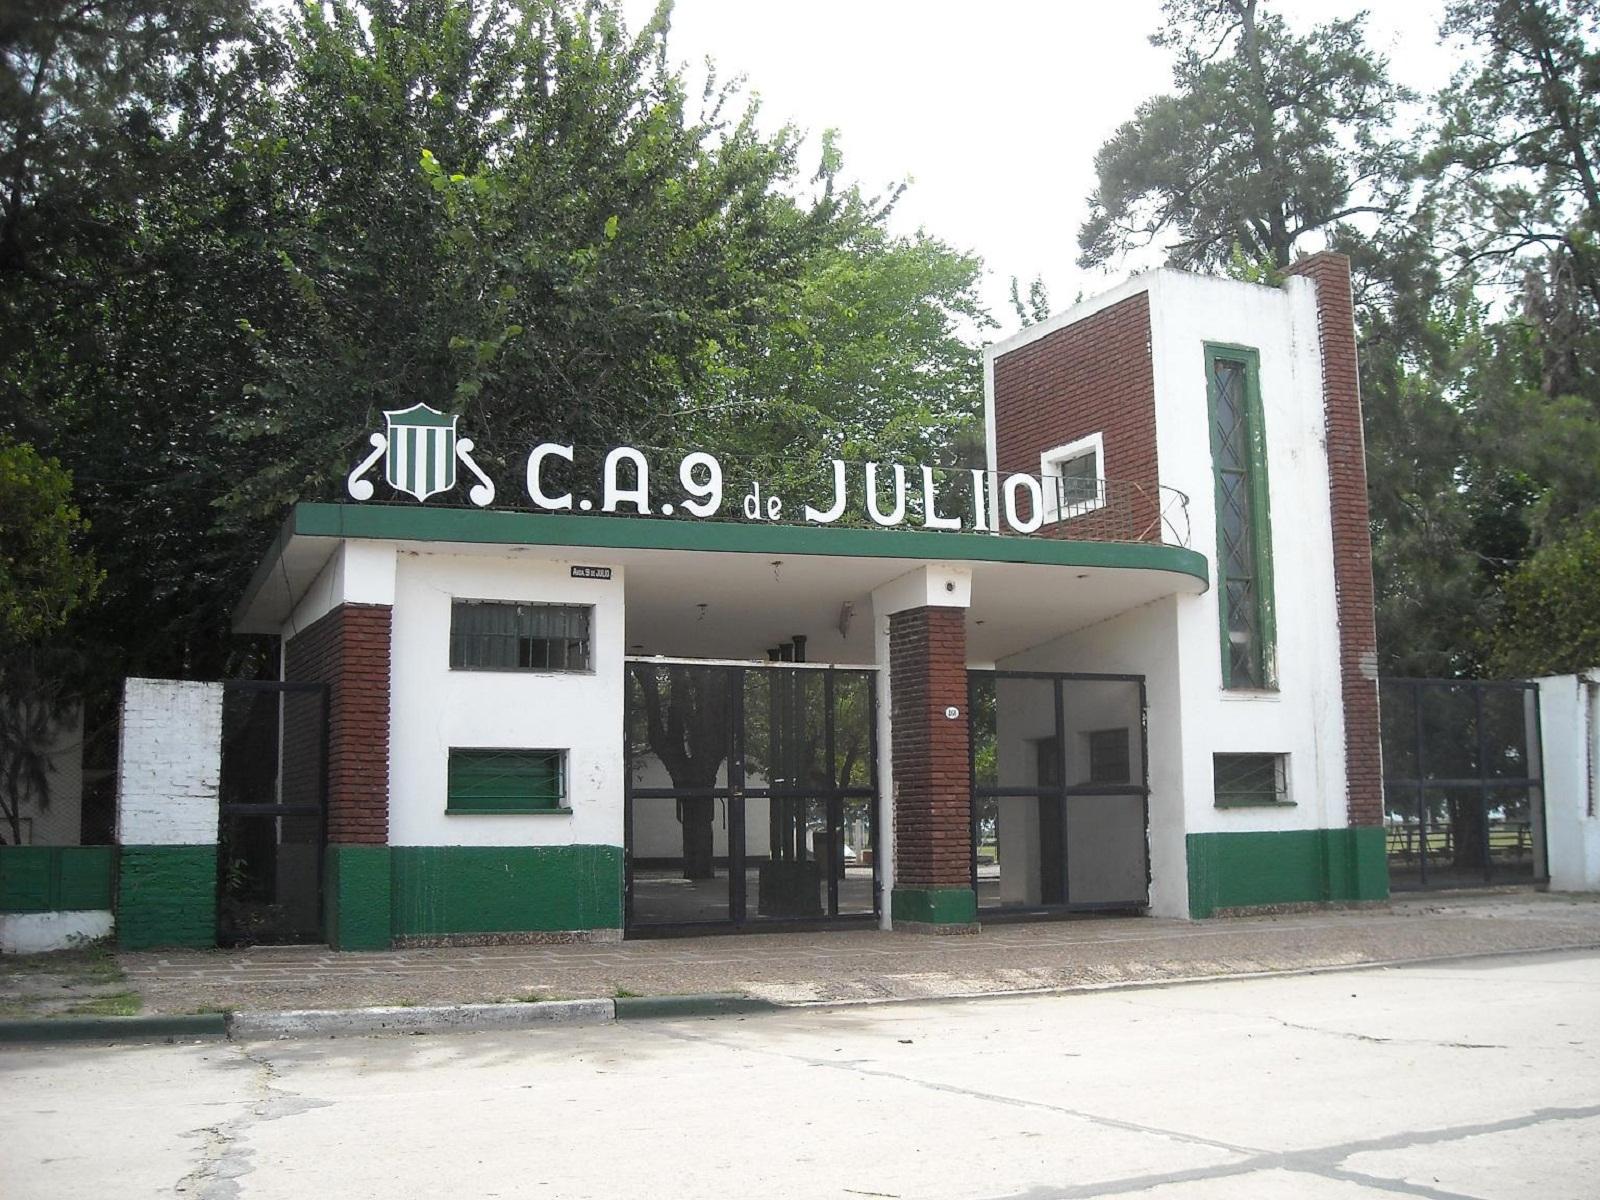 El encuentro se jugó en la casa del Pulgón.